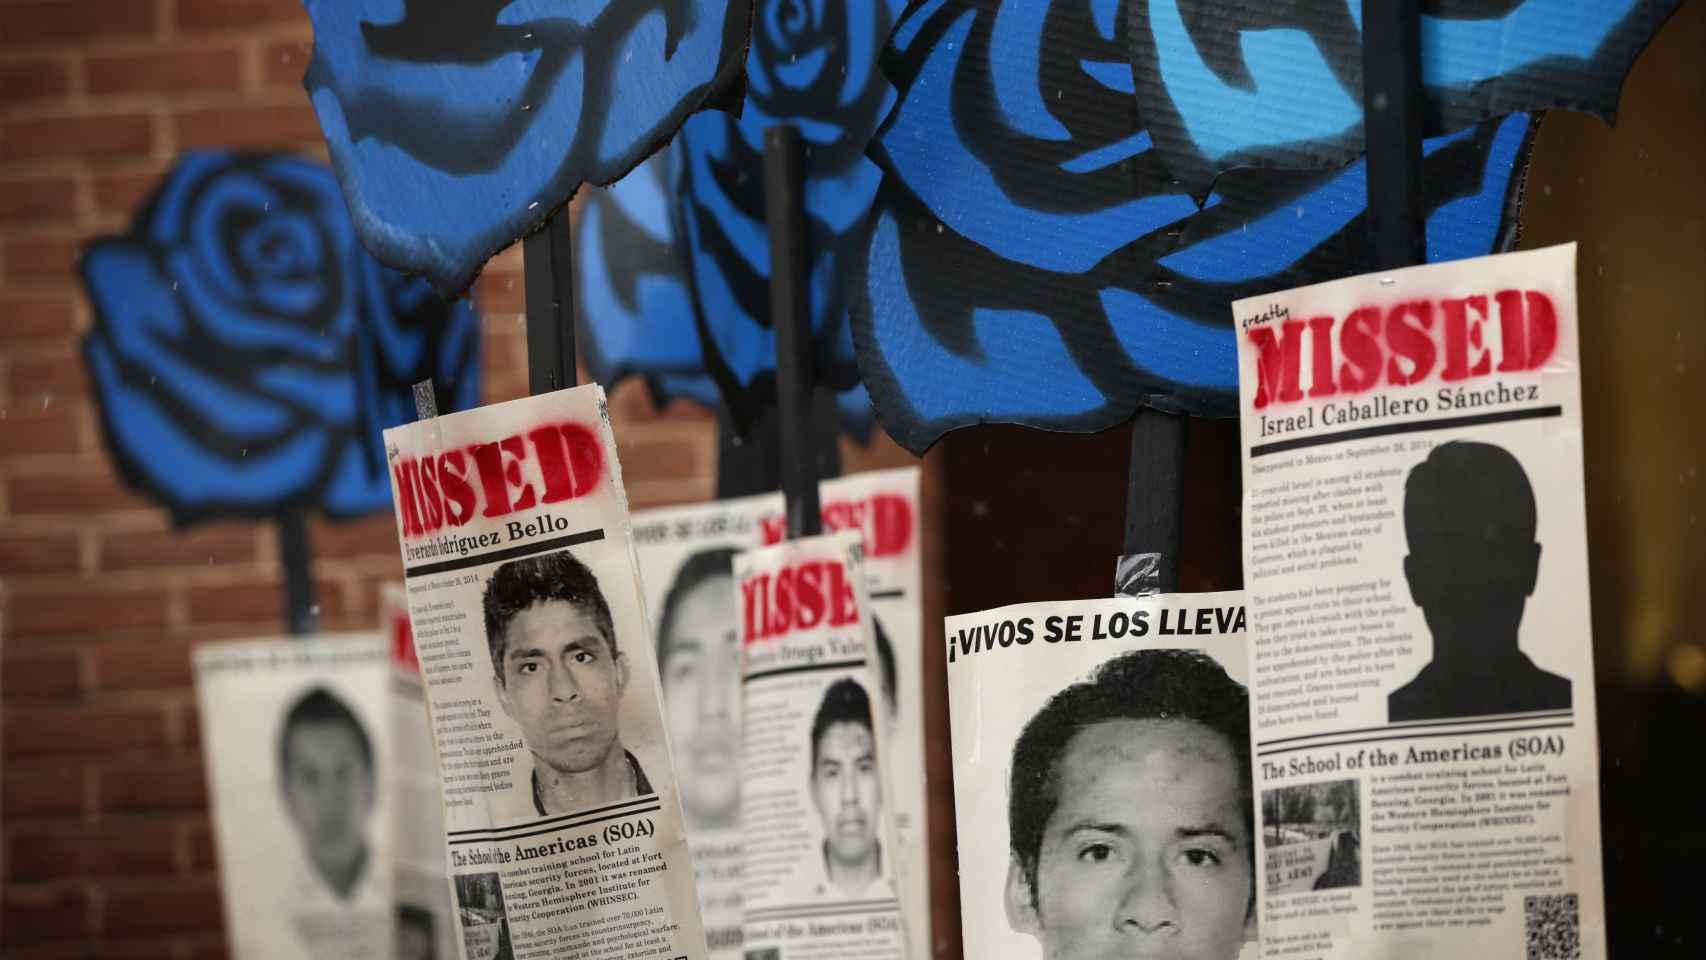 Las protestas por los desaparecidos llegaron a Washington en marzo.